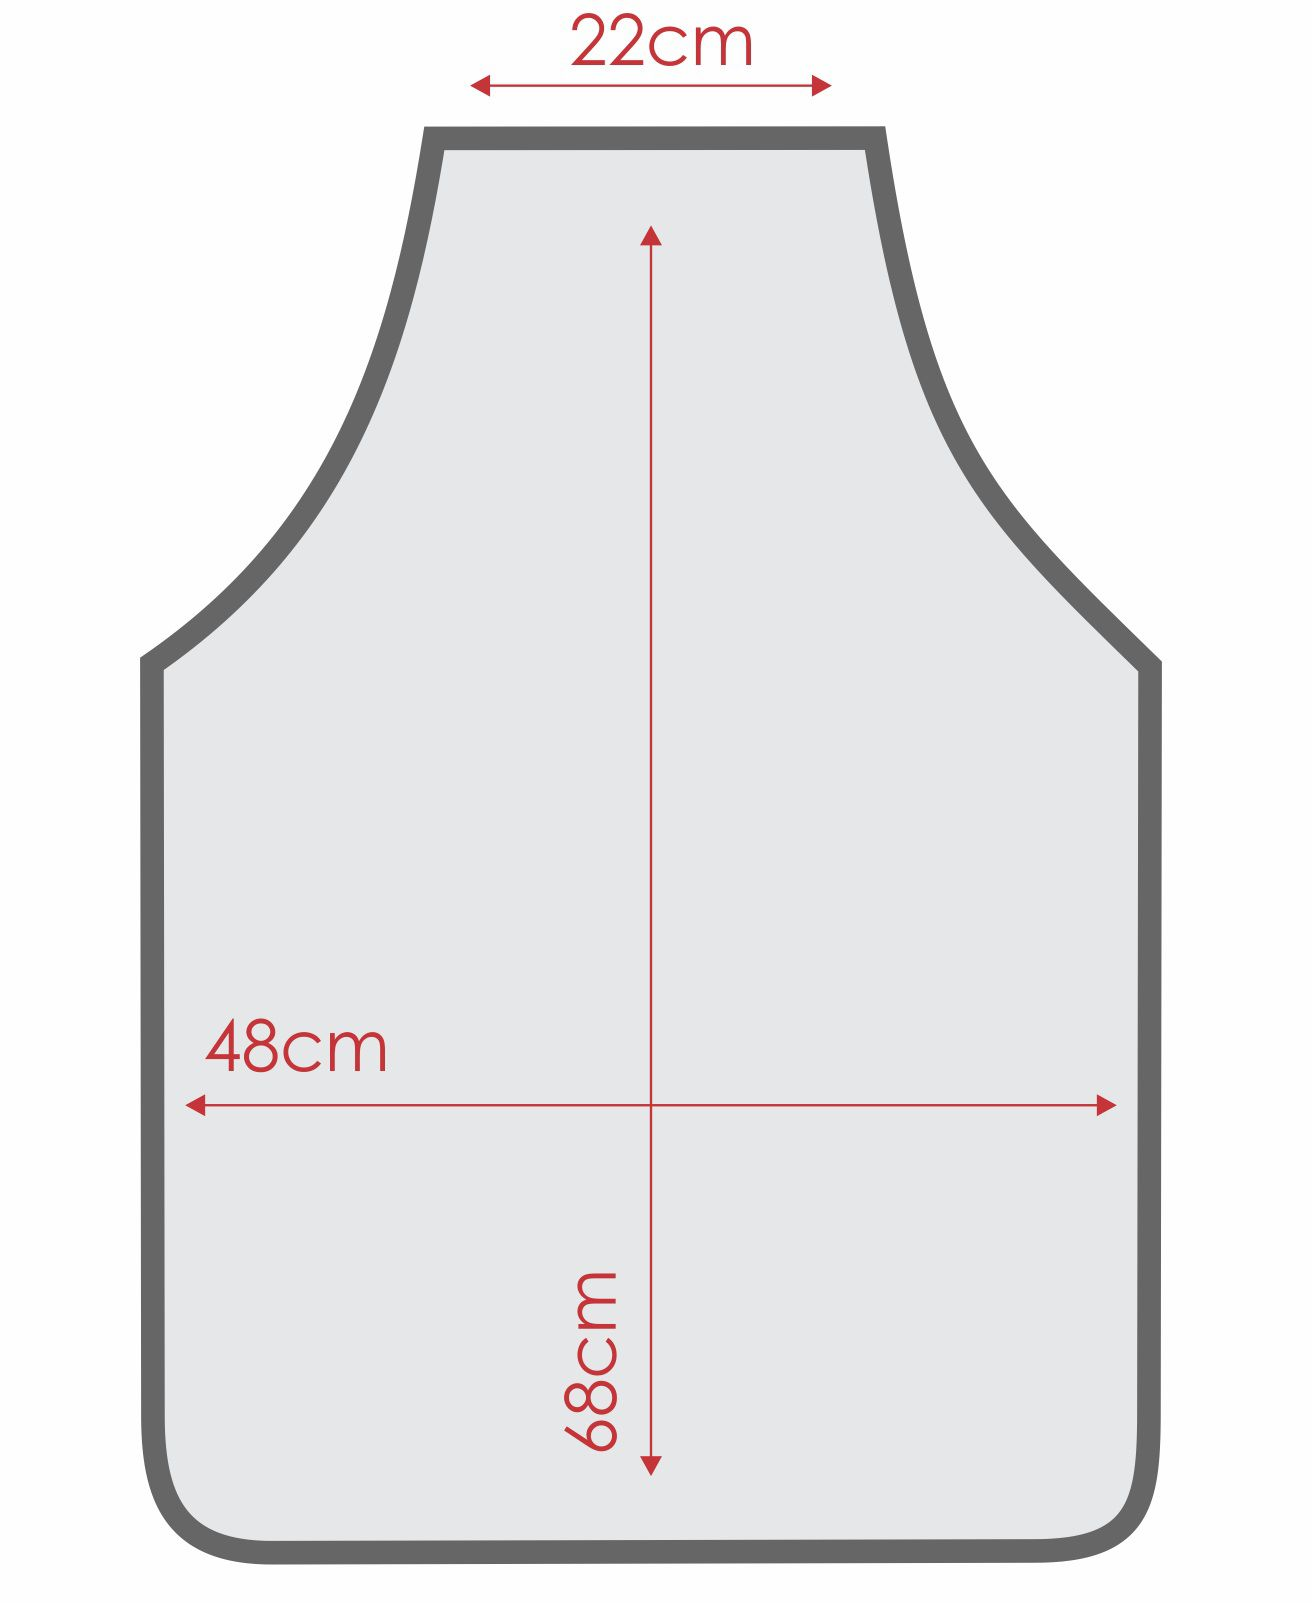 Avental De Cozinha Forro Tecido Listra Marrom  - RECANTO DA COSTURA